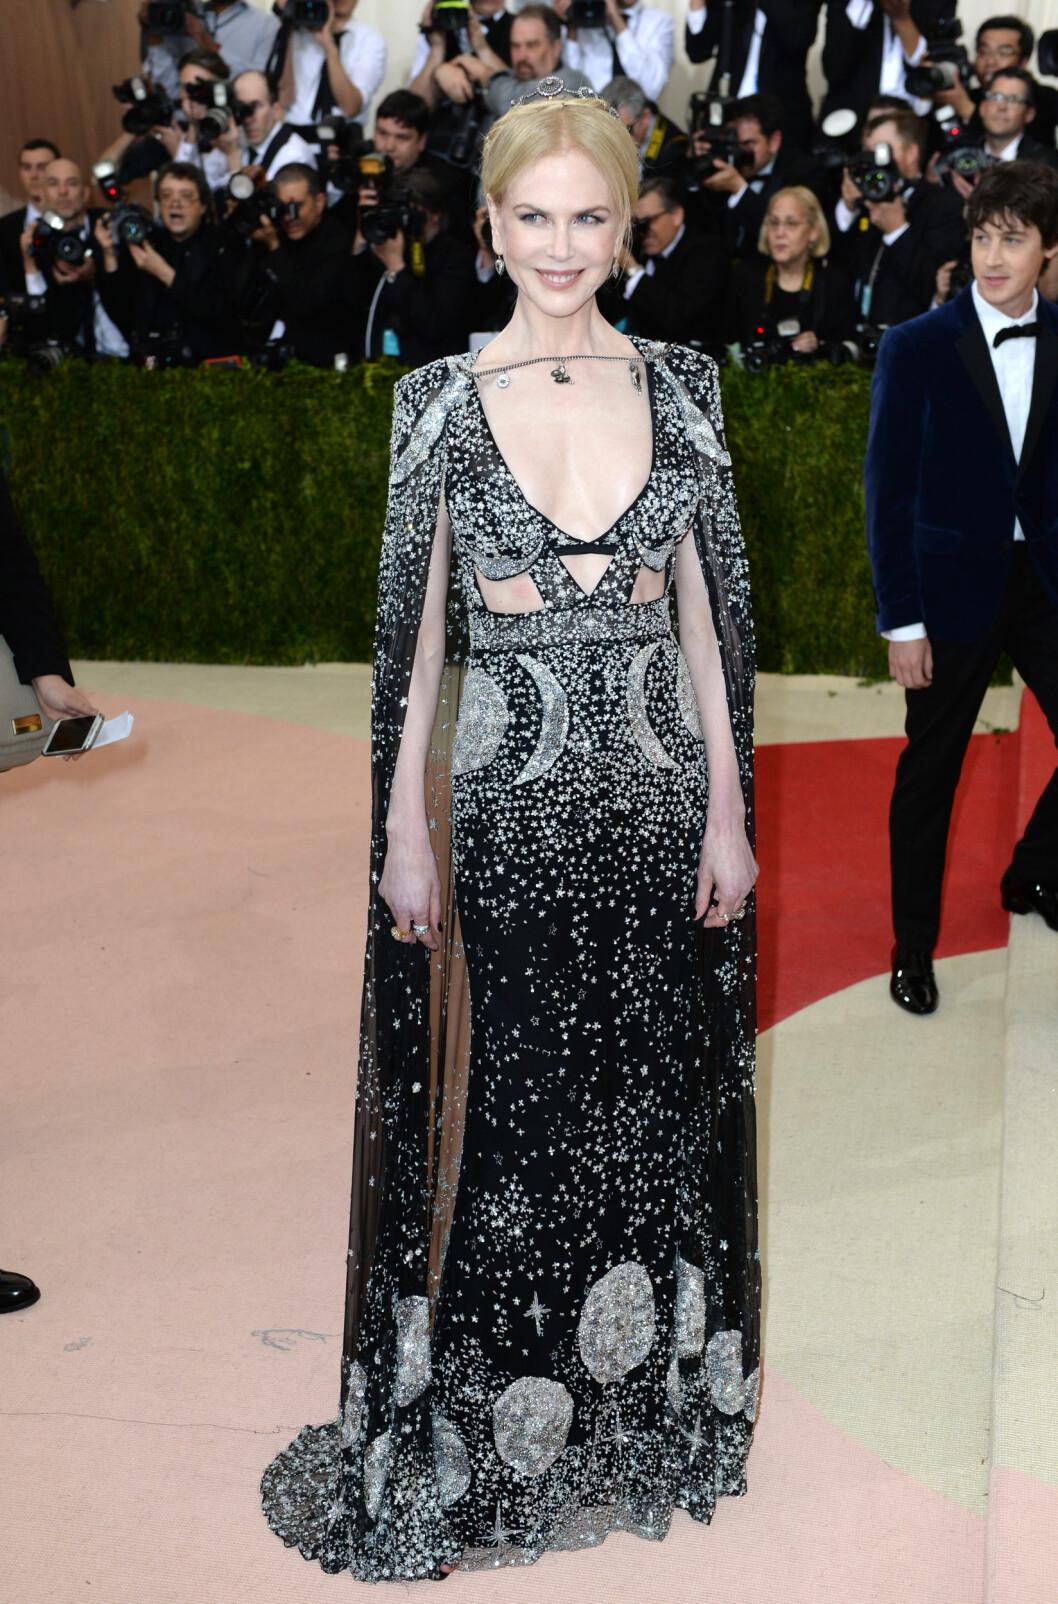 GALAKTISK: Alexander McQueen-kjolen til Nicole Kidman så ut til å være inspirert av verdensrommet.  Foto: Pa Photos